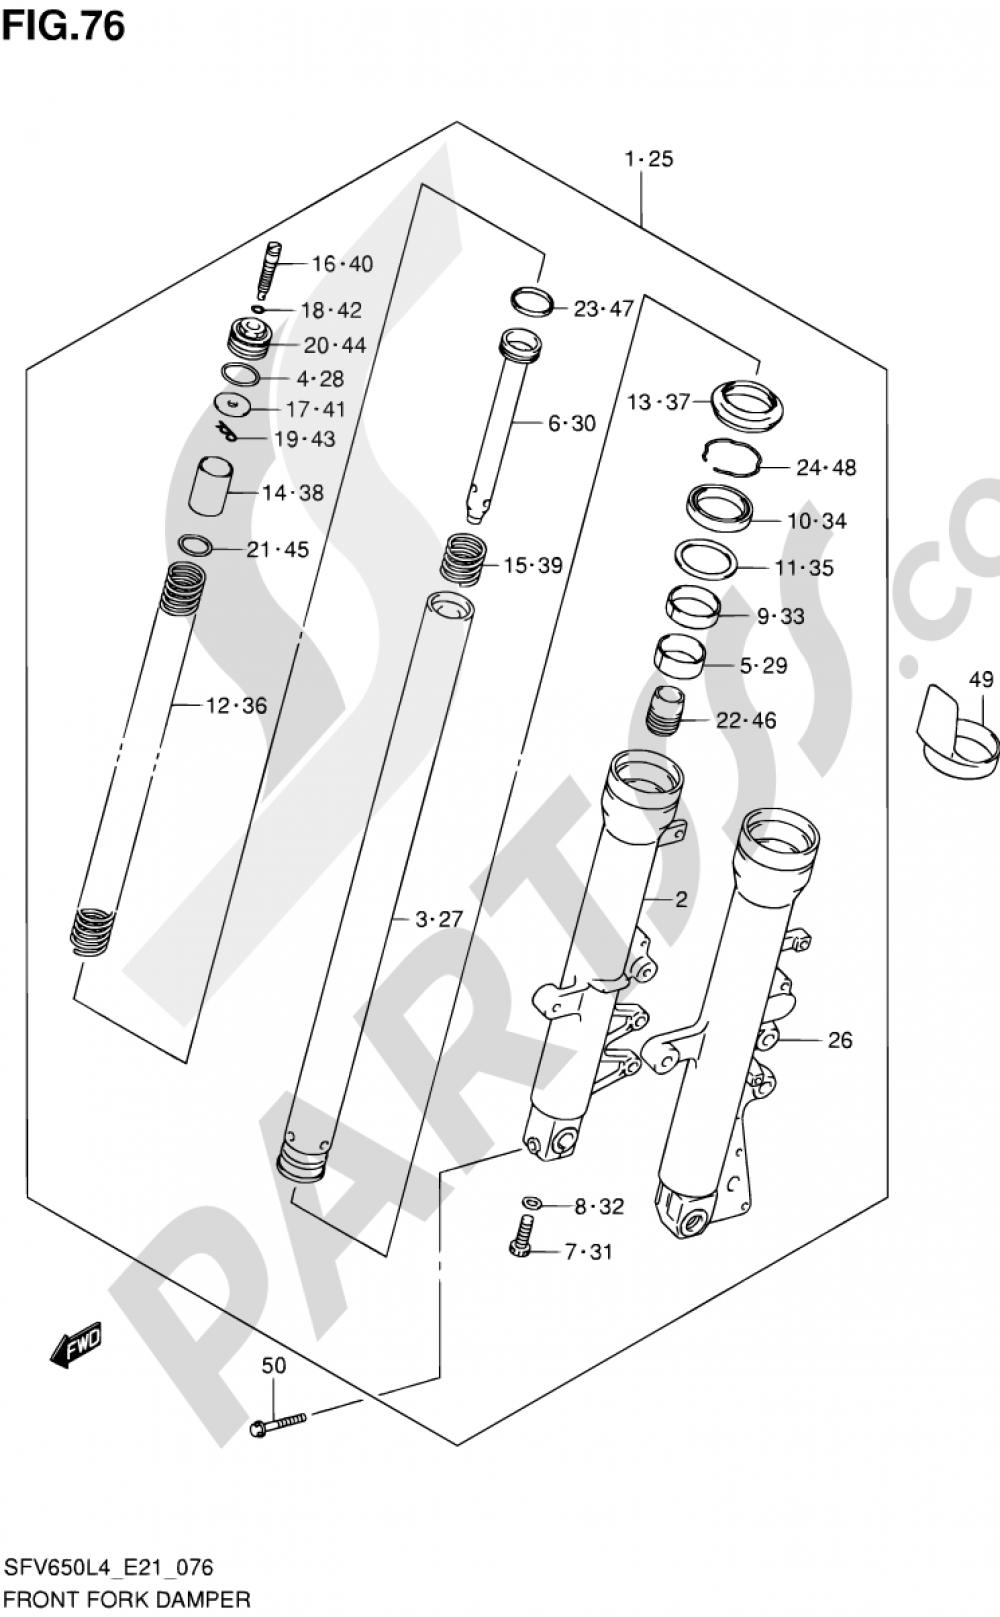 76 - FRONT FORK DAMPER (SFV650UAL4 E21) Suzuki GLADIUS SFV650 2014